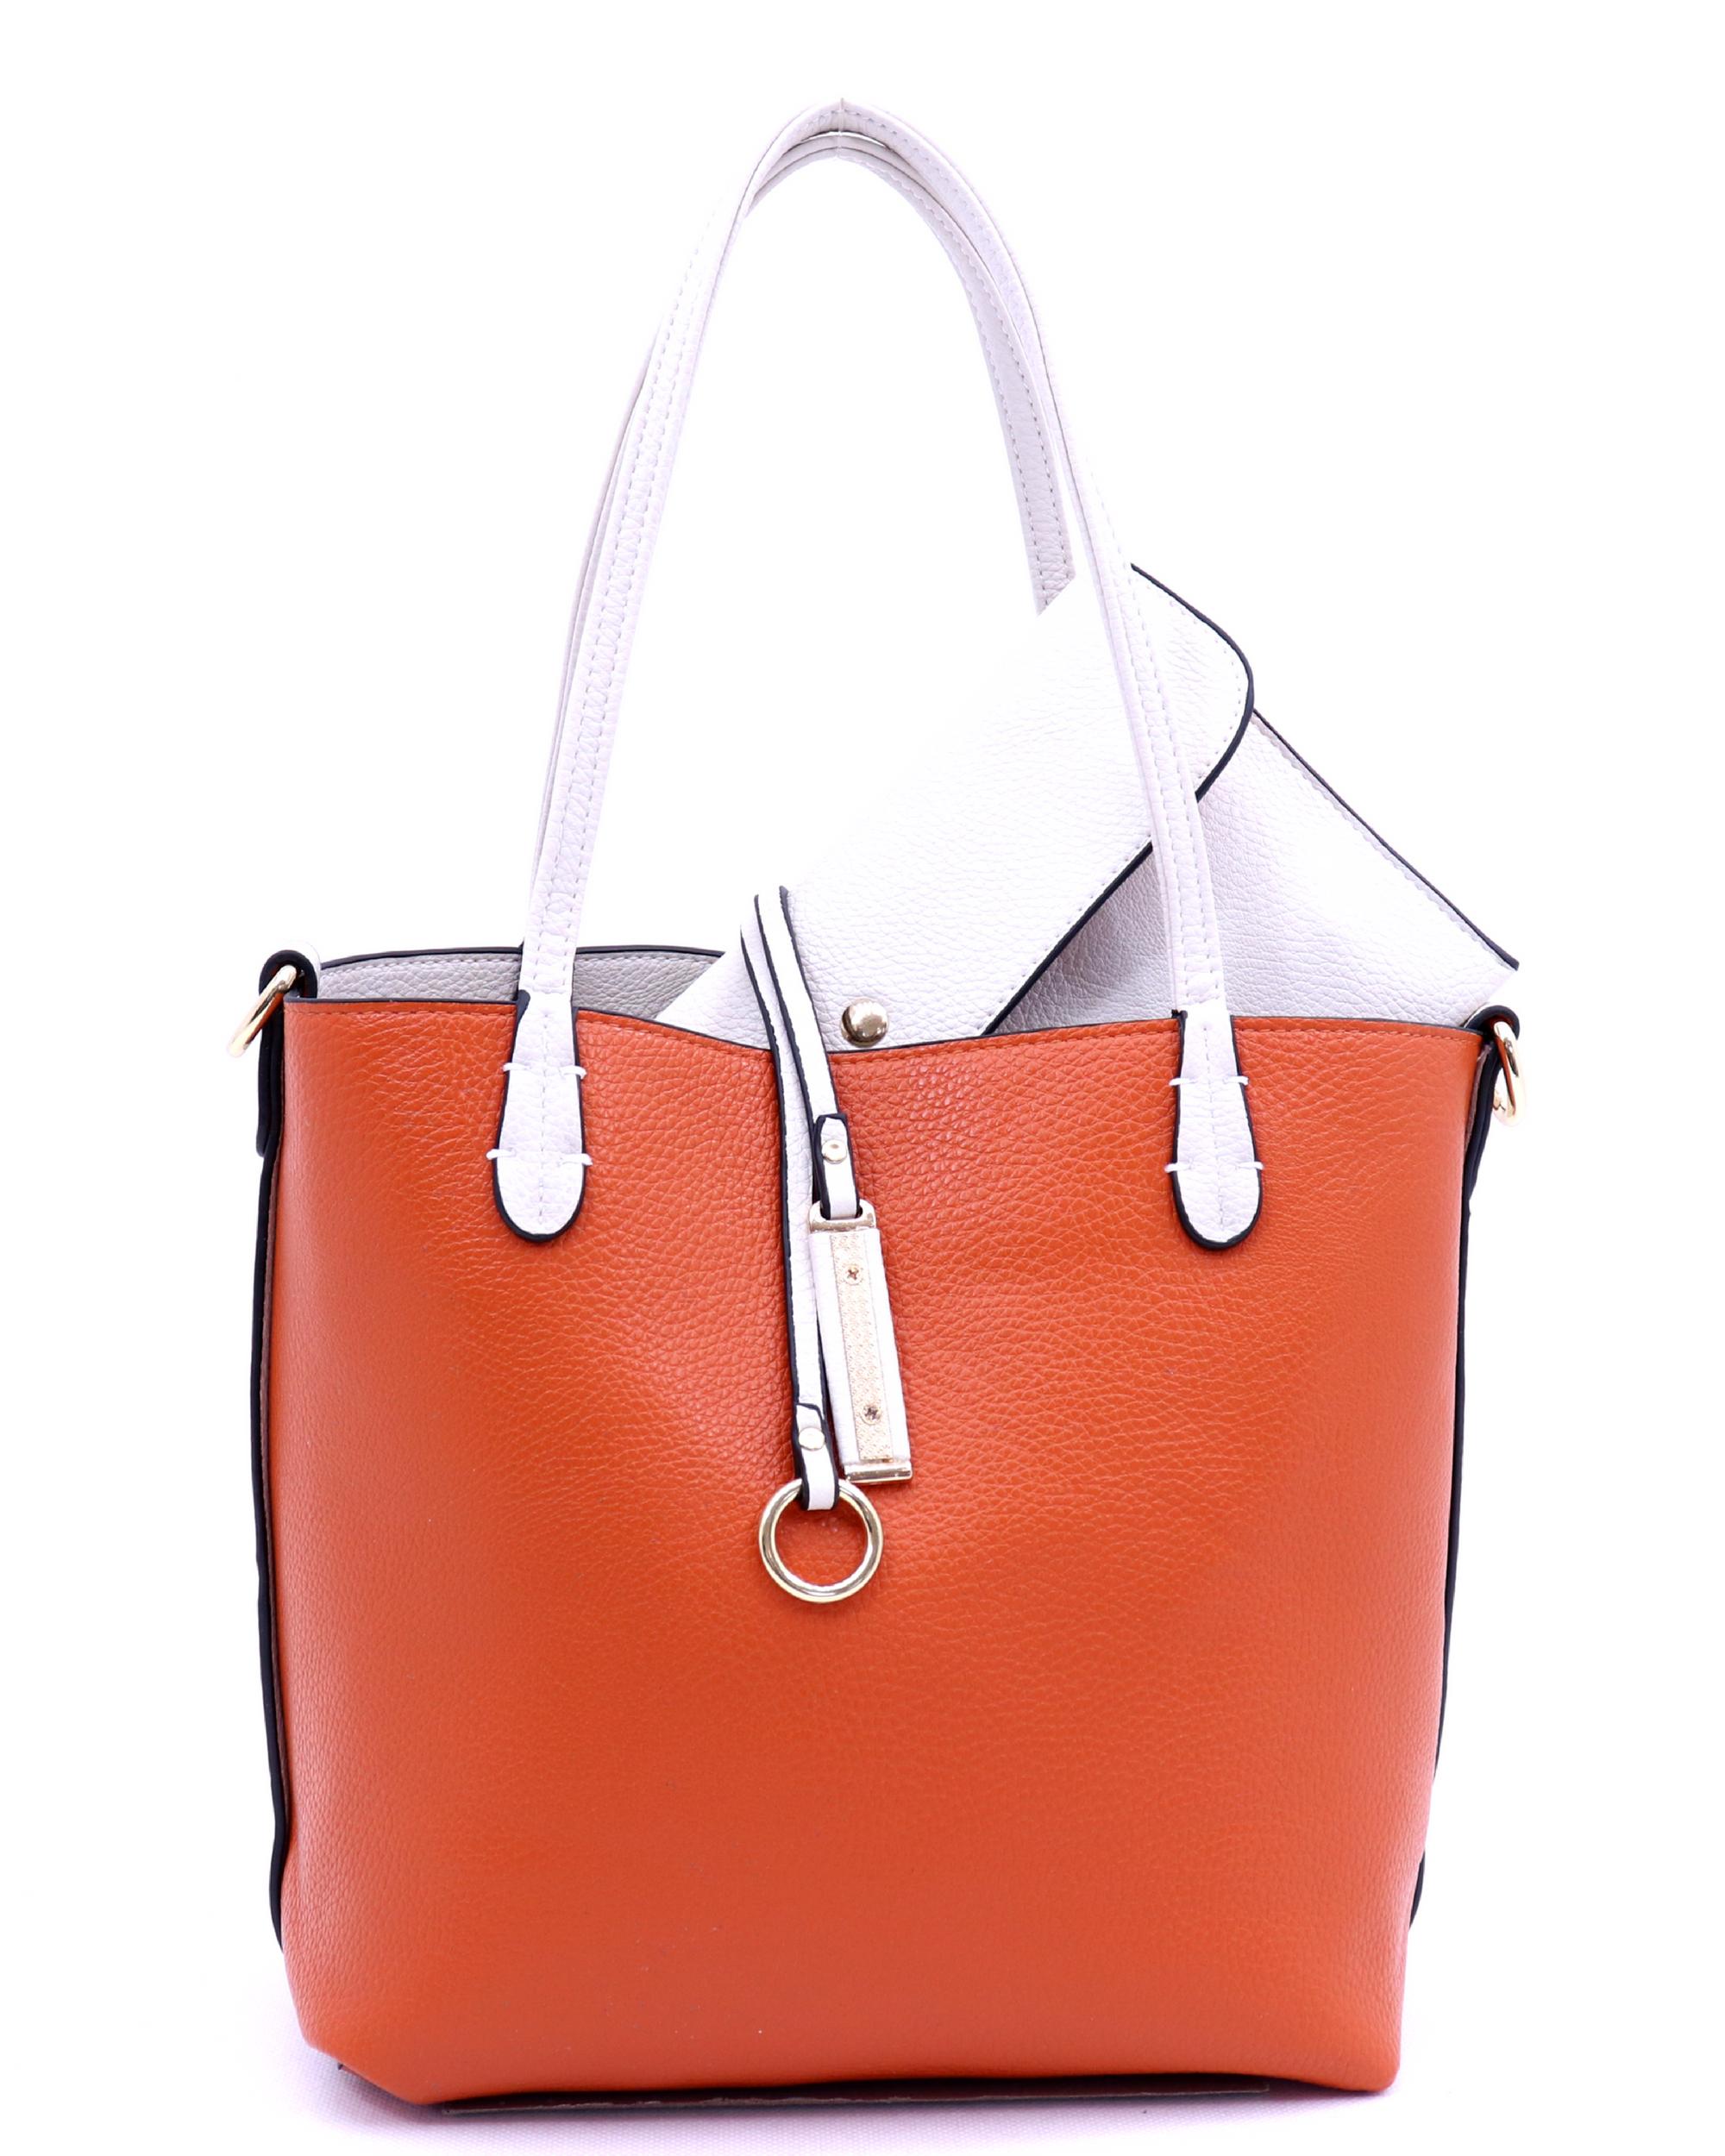 698251c2b8 Kris-Ana London kifordítható női táska narancs vagy bézs színben - Nagyon  Táska - Töltsd meg élménnyel!